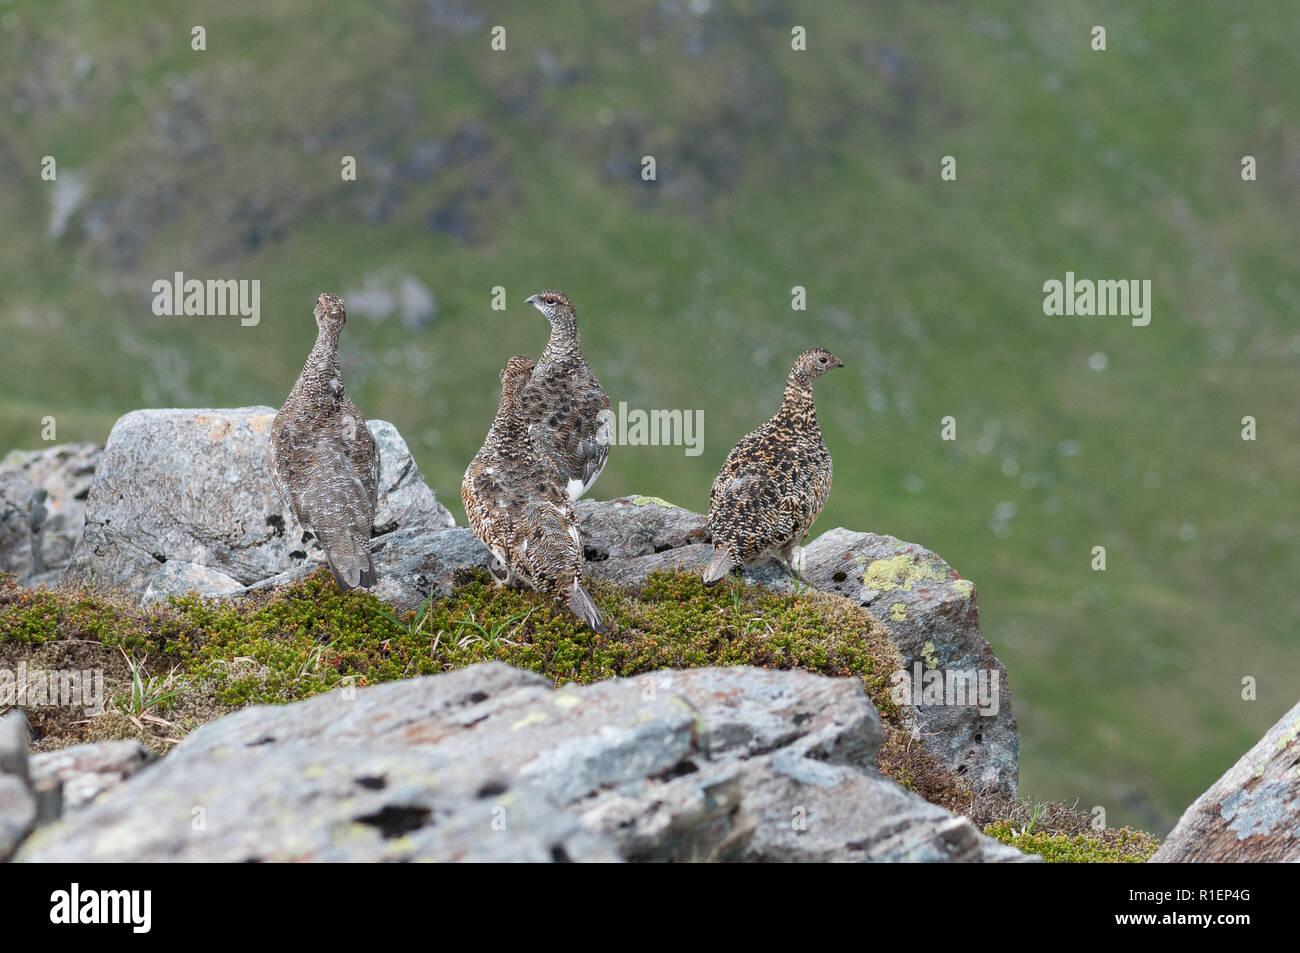 Ptamigan (Lagopus muta) in summer plumage in the Scottish Highlands - Stock Image